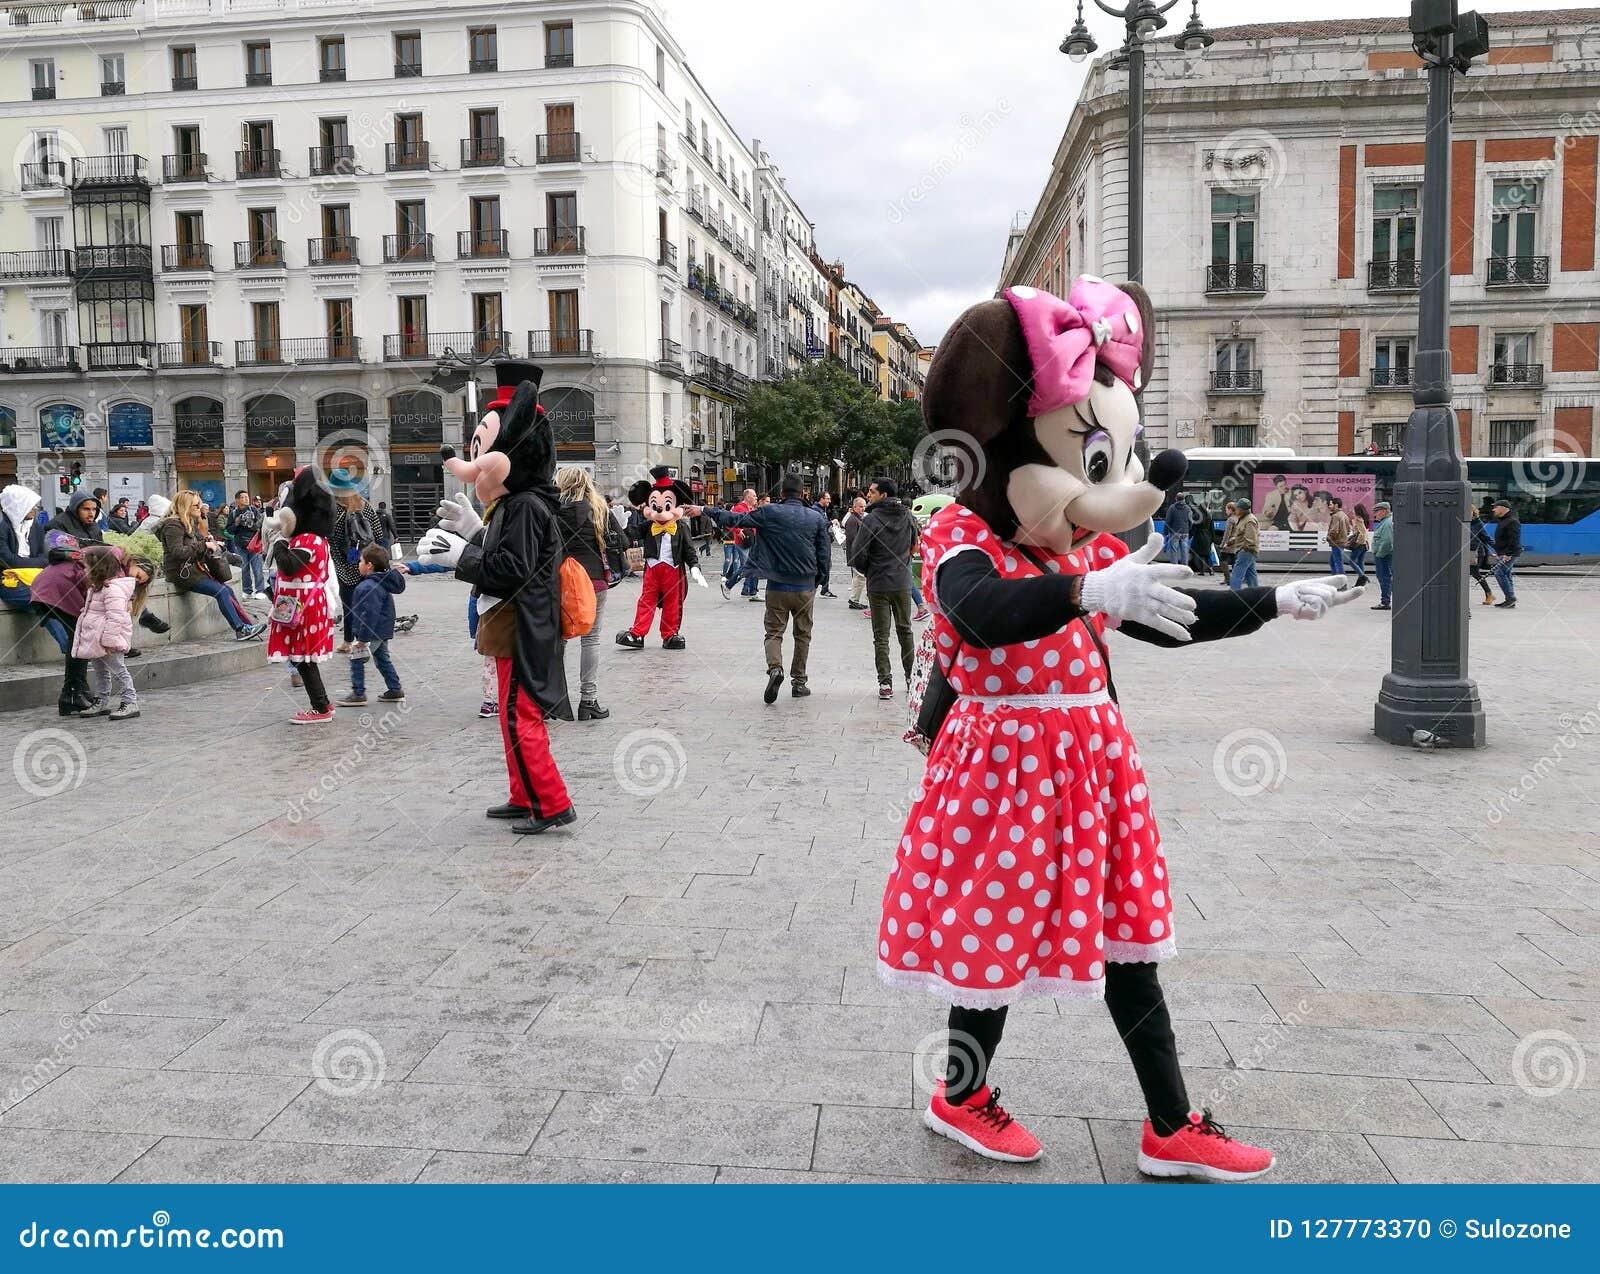 Ludzie w kostiumach Minnie i Mickey Mouse chodzą zabawiać turystów